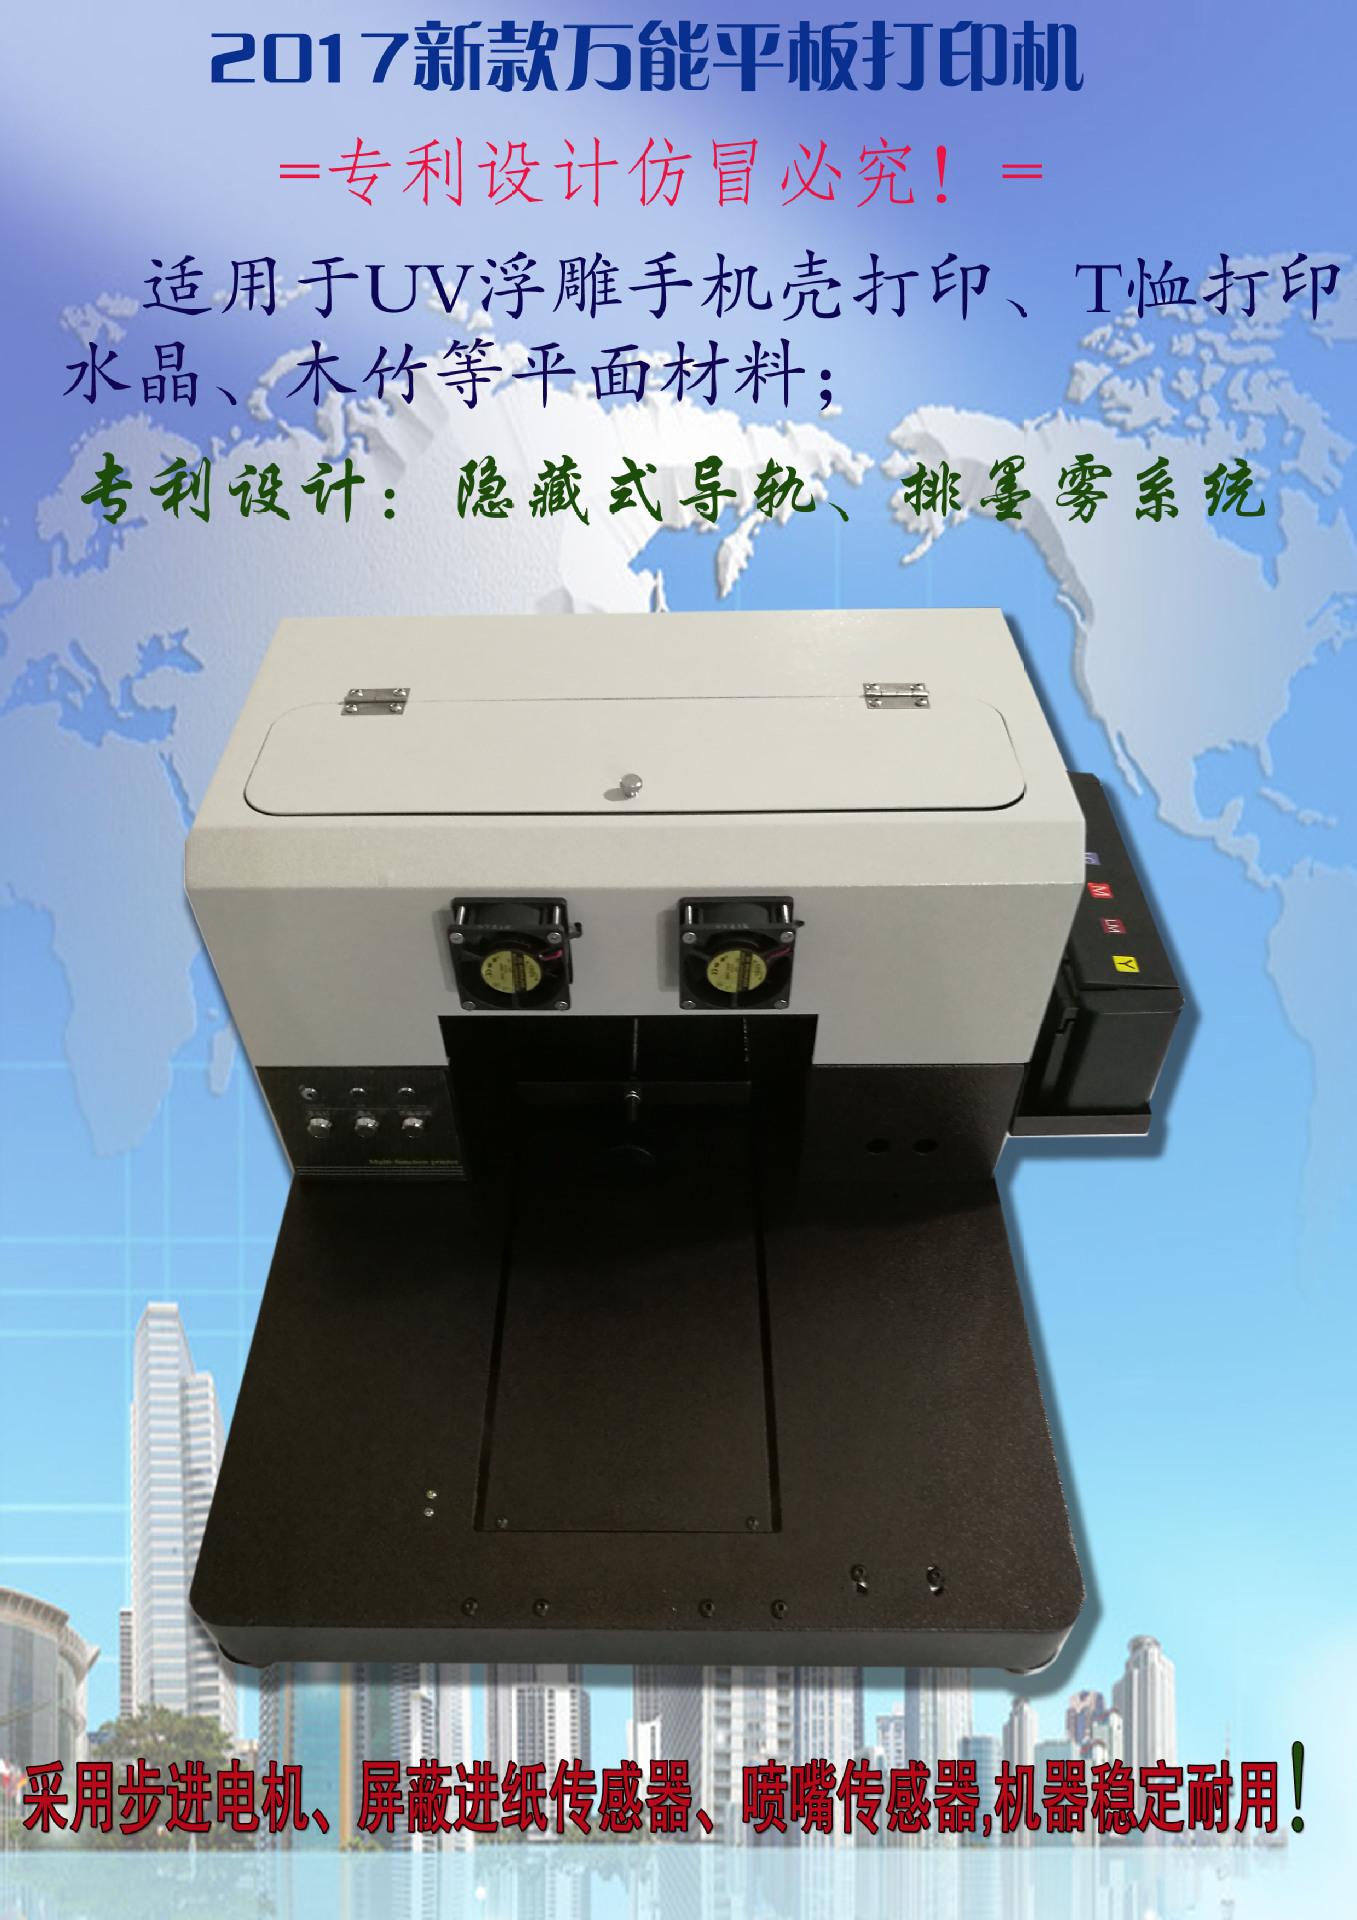 万能打印机 手机壳打印机 表盘打印机 皮套 厦门万能 阿里巴巴